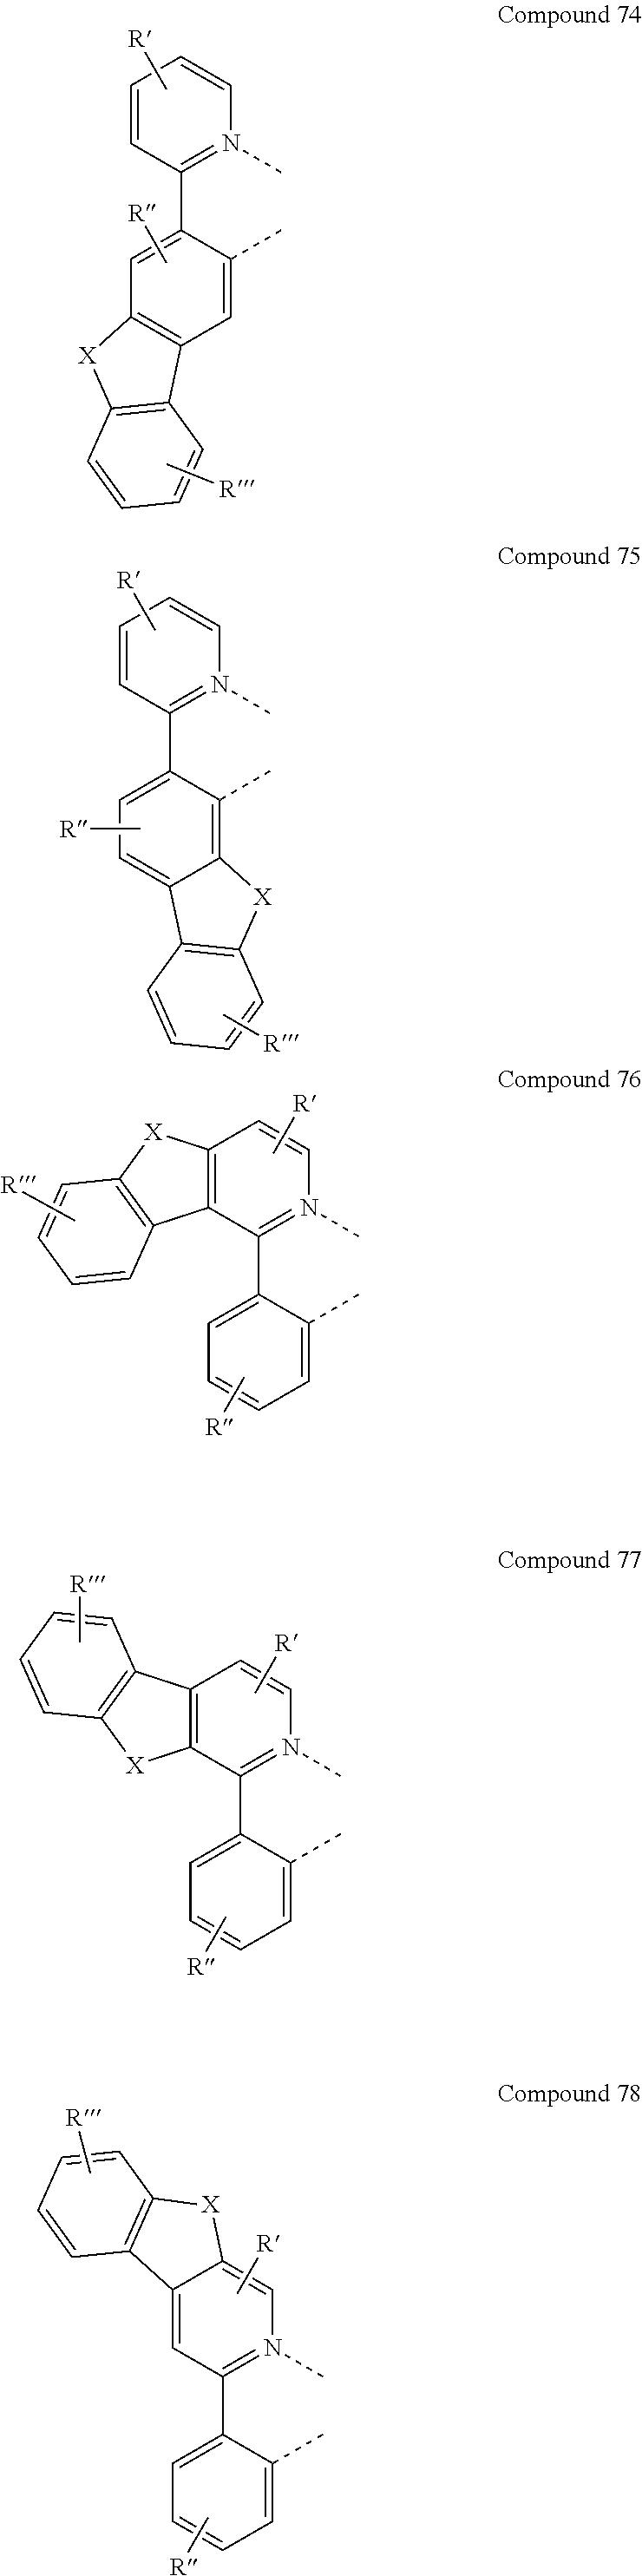 Figure US08586203-20131119-C00112